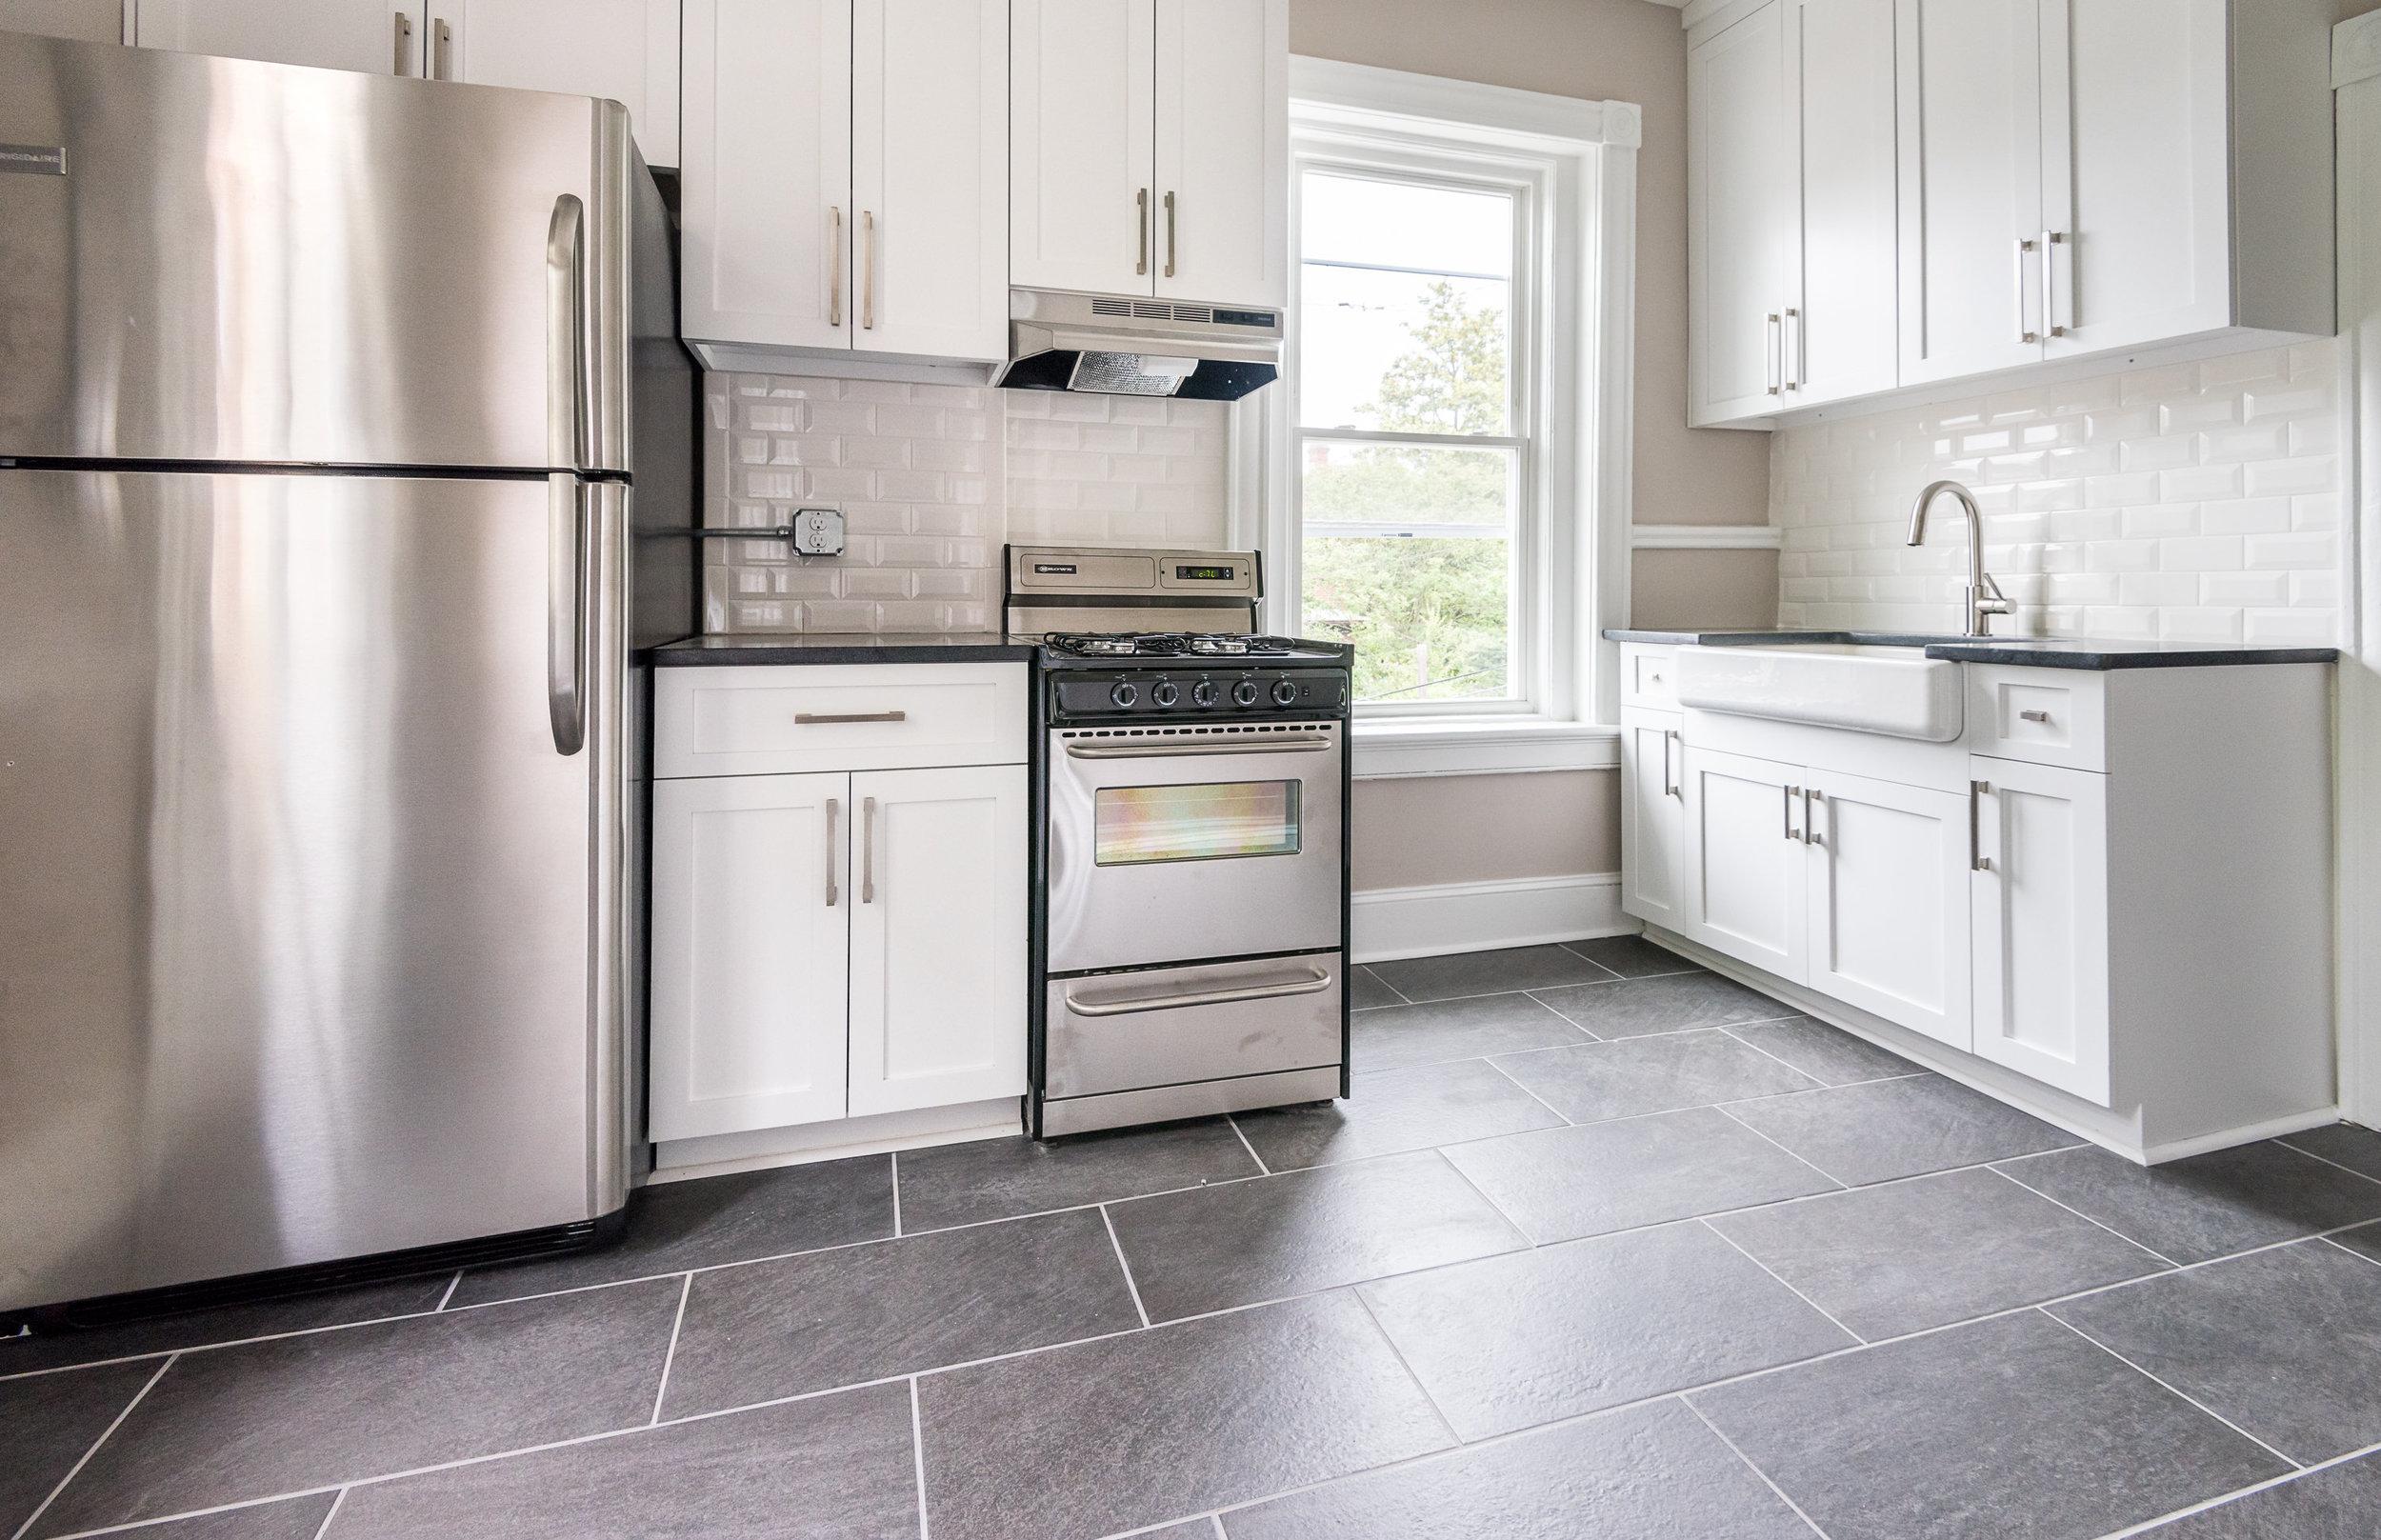 106a kitchen1.jpg